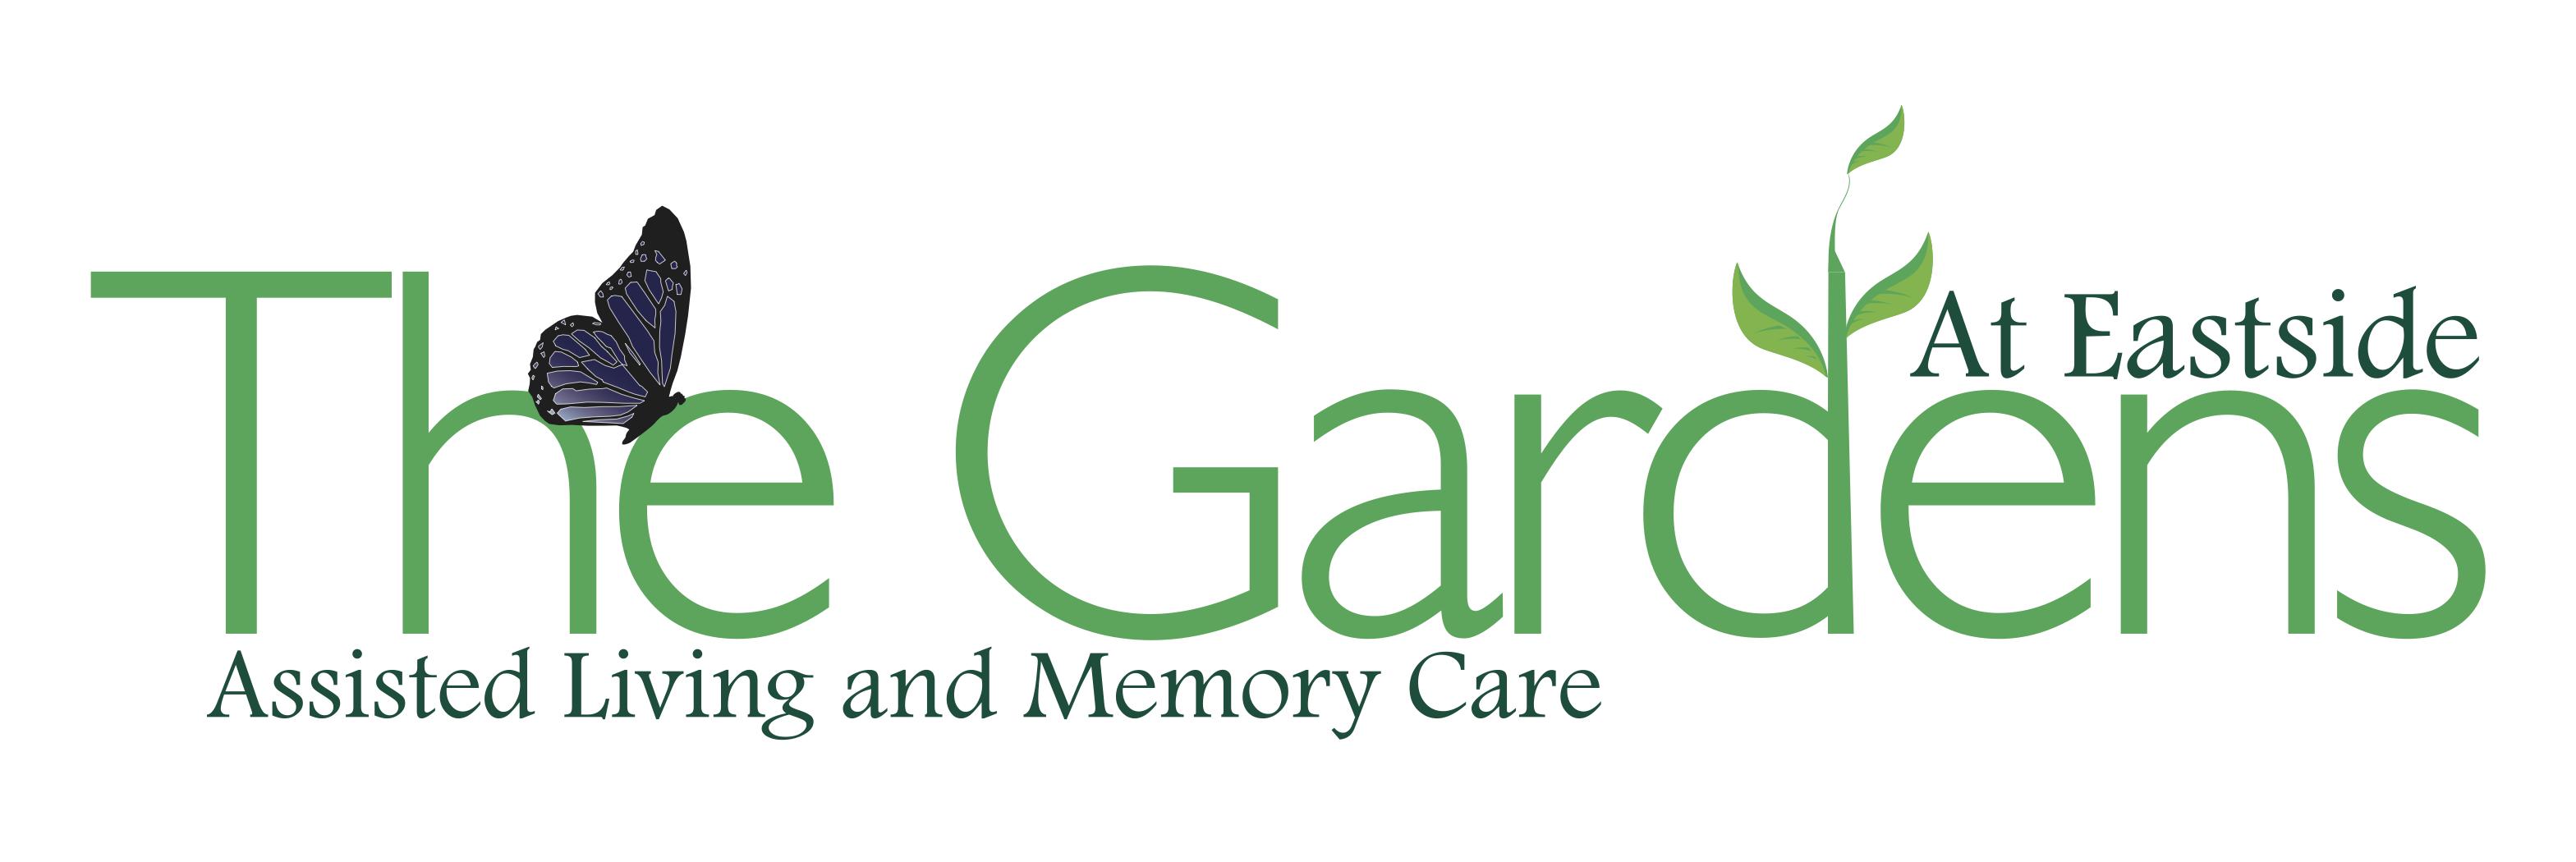 Gardens at Eastside Logo